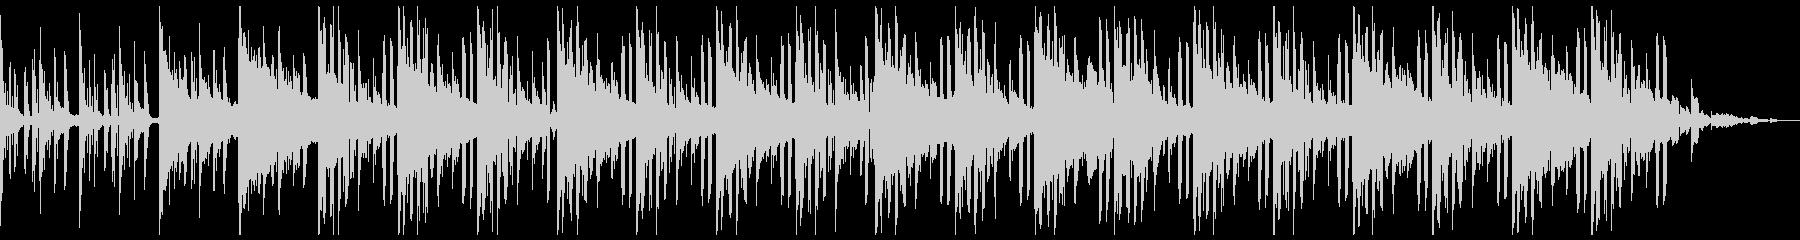 暗い雰囲気のローファイヒップホップの未再生の波形